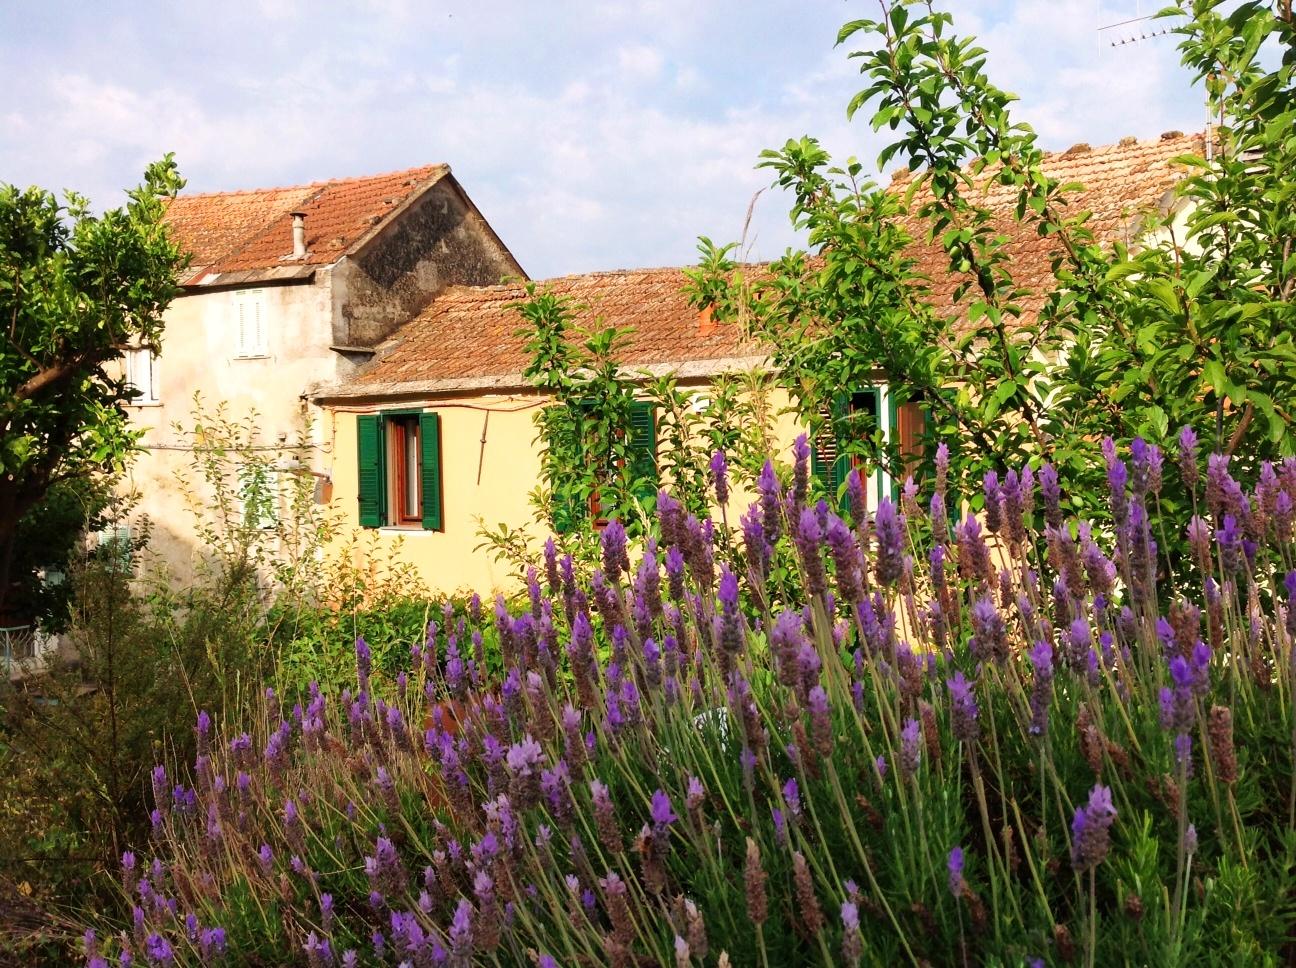 Diano Green, eine umweltfreundliche Gästehaus in Diano Marina, LIgurien, Italien